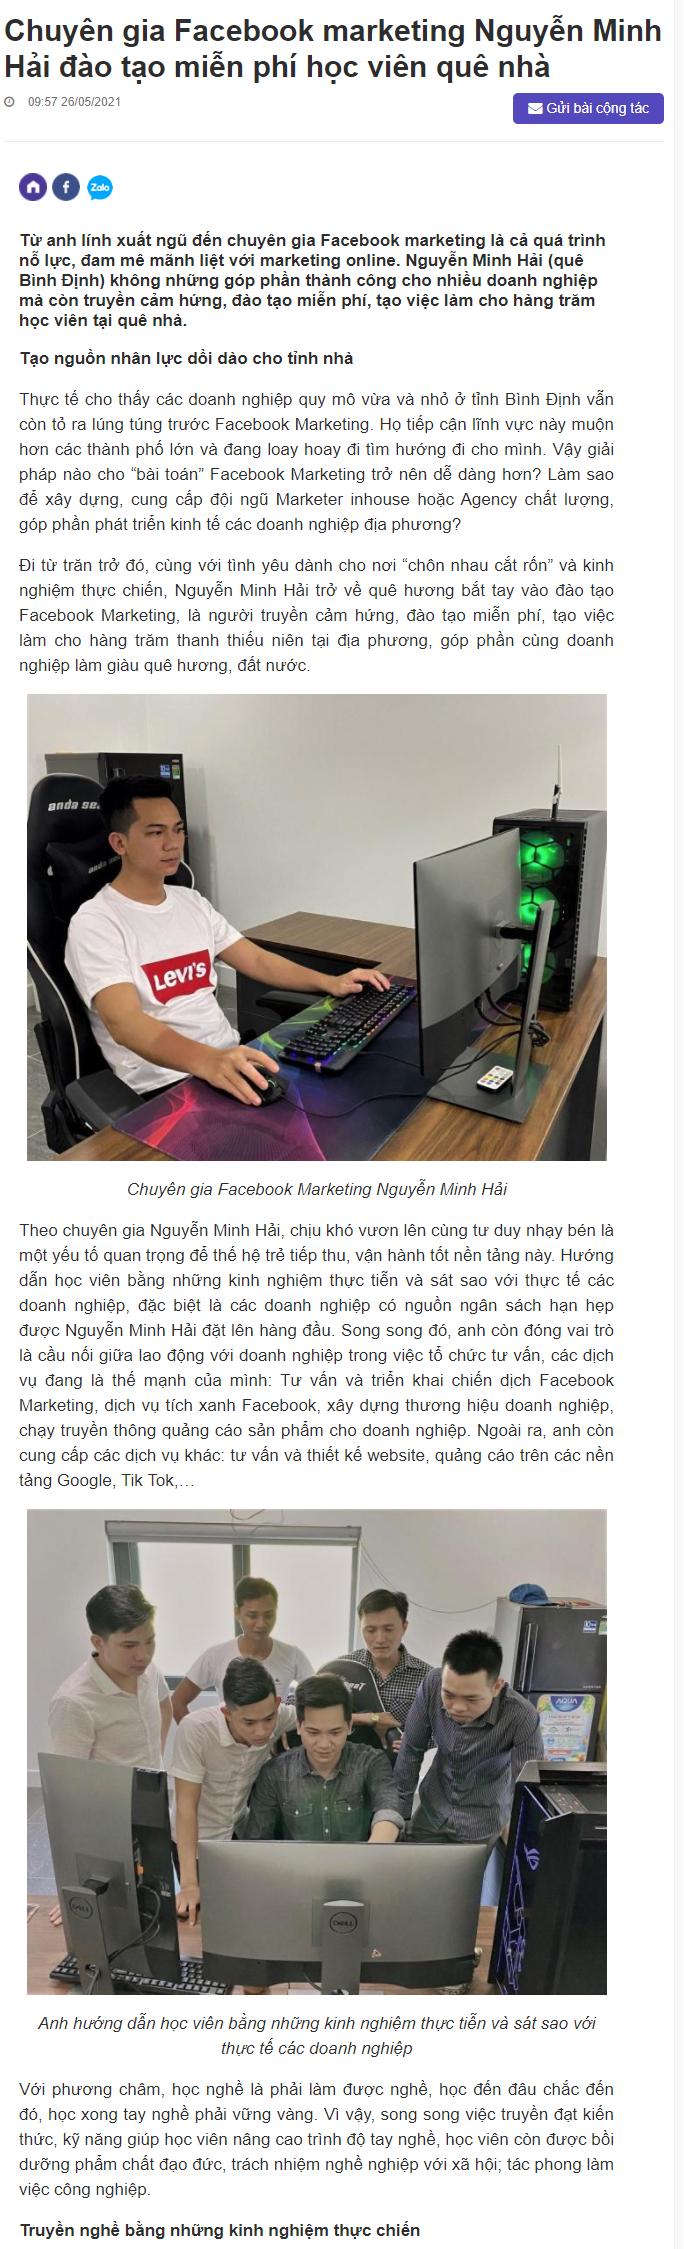 PR thương hiệu cá nhân Nguyễn Minh Hải trên báo ngoisao.vn